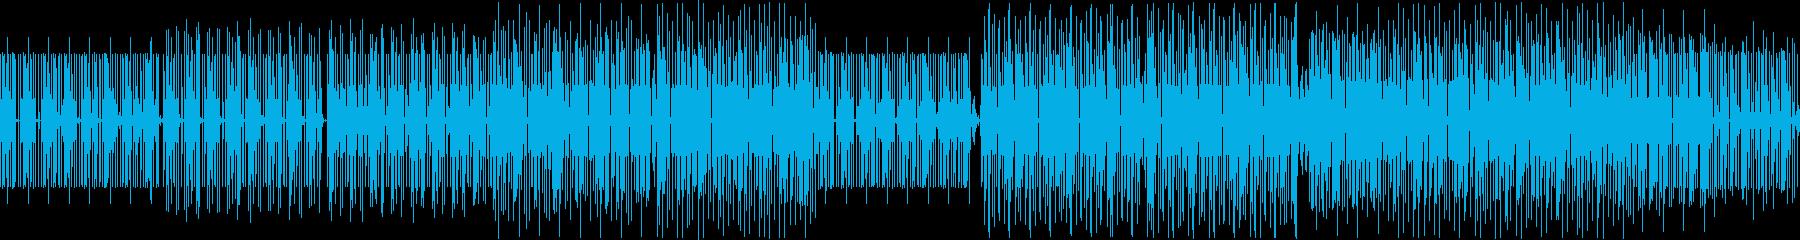 ダークなテクノの再生済みの波形